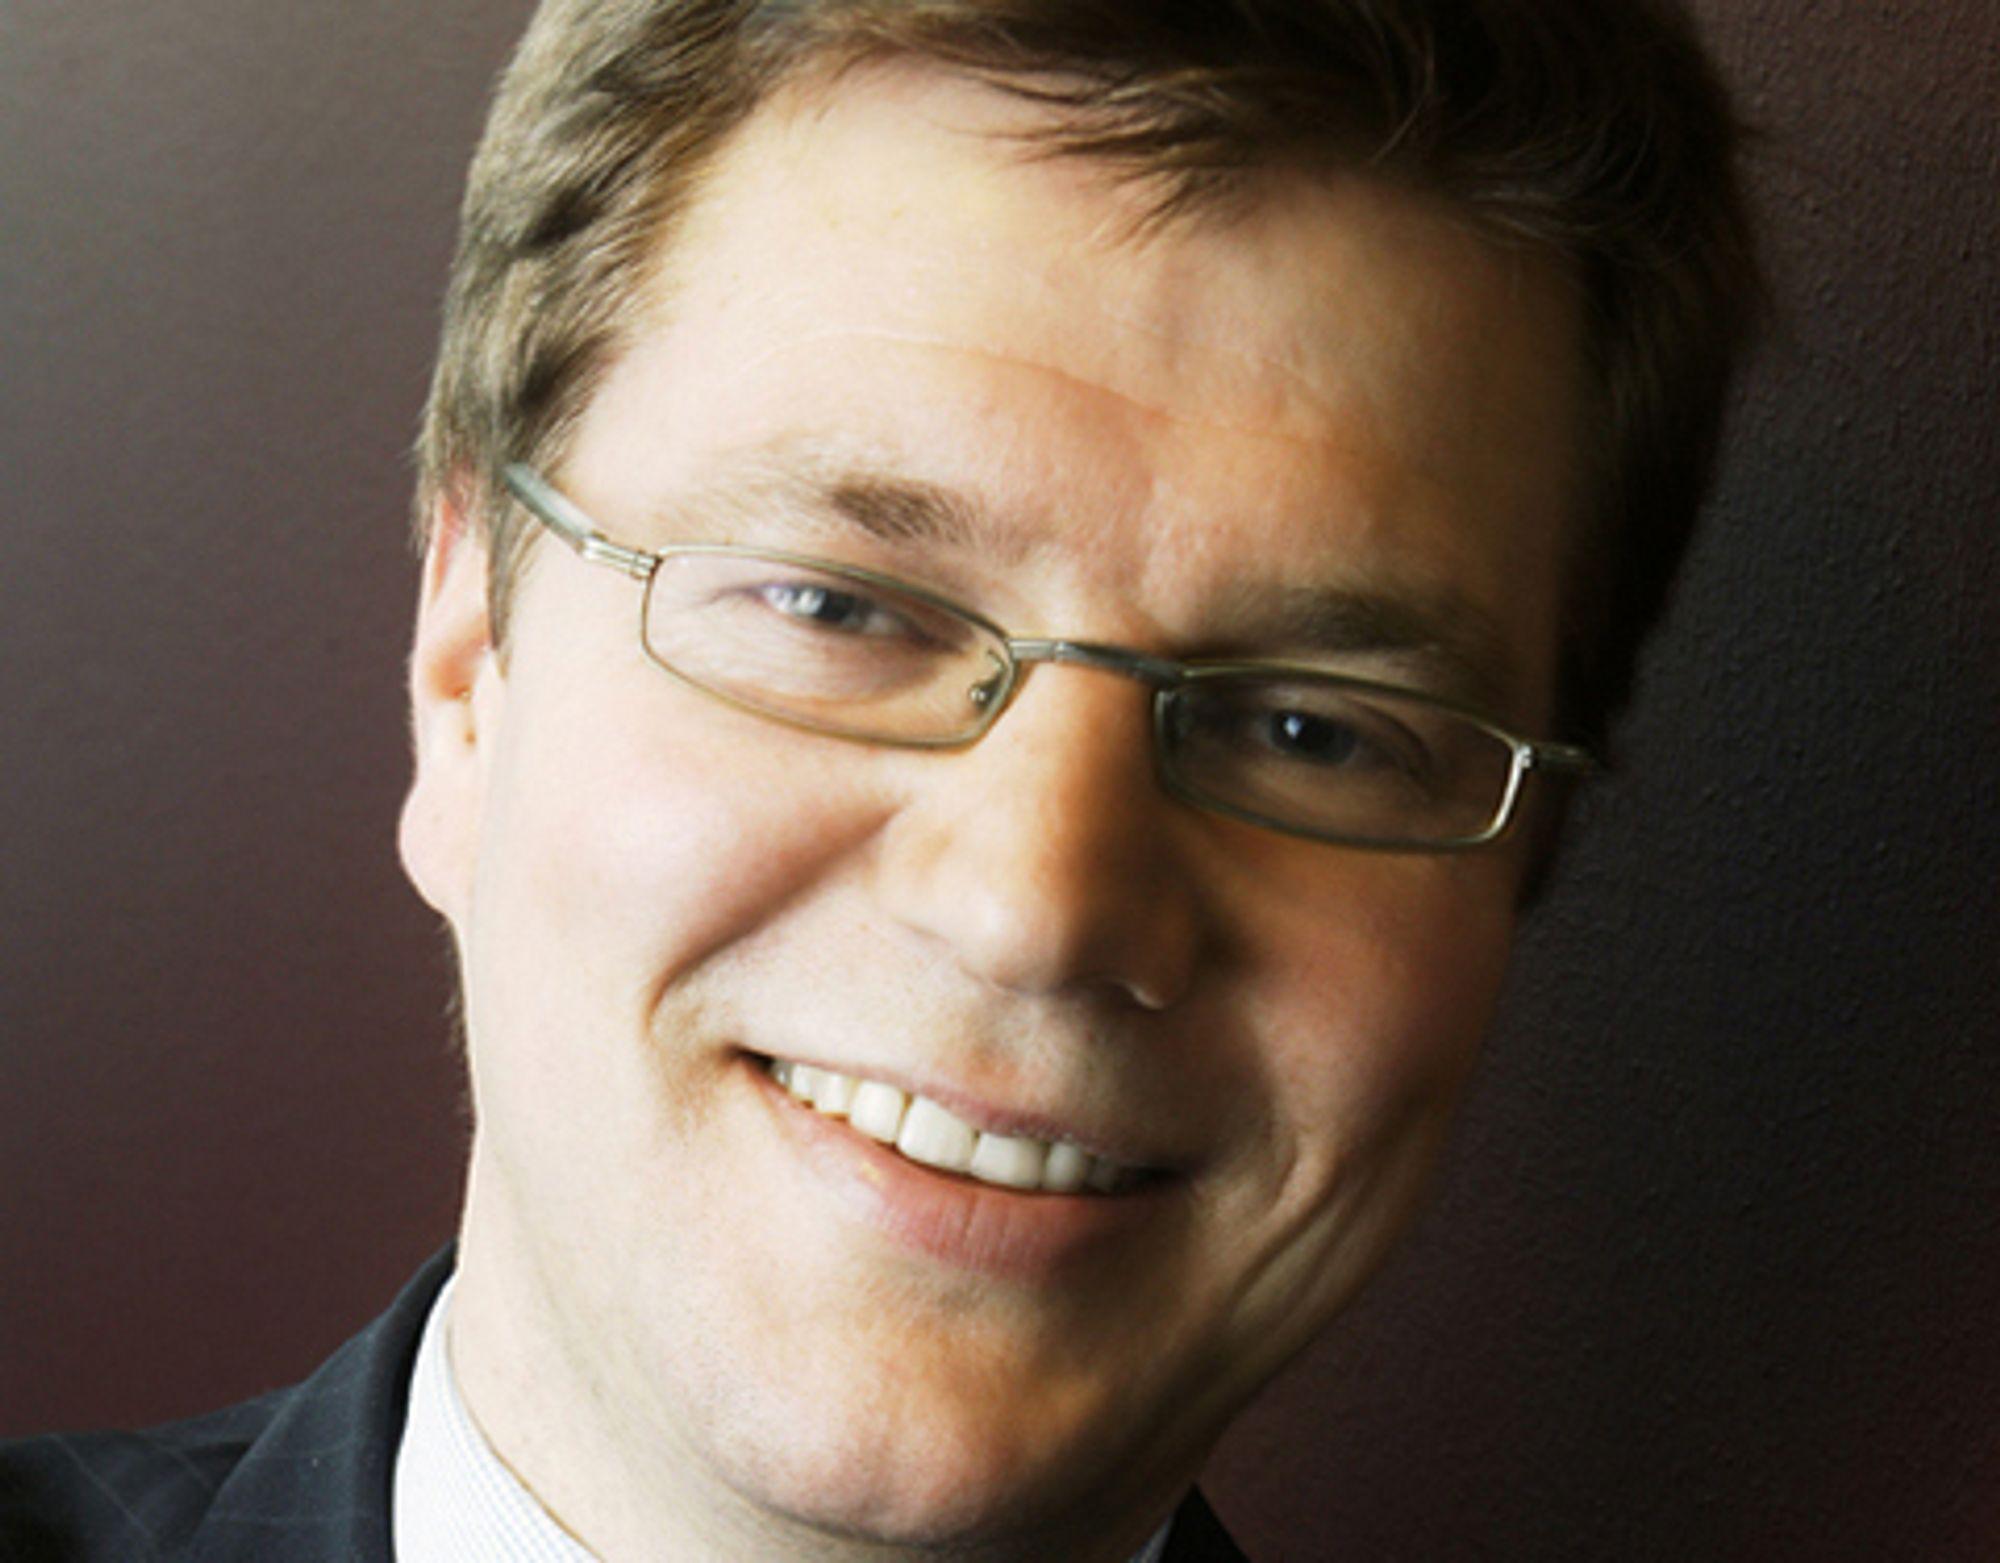 FORNØYD: Administrerende direktør Kjell André Engen i Capgemini Norge.